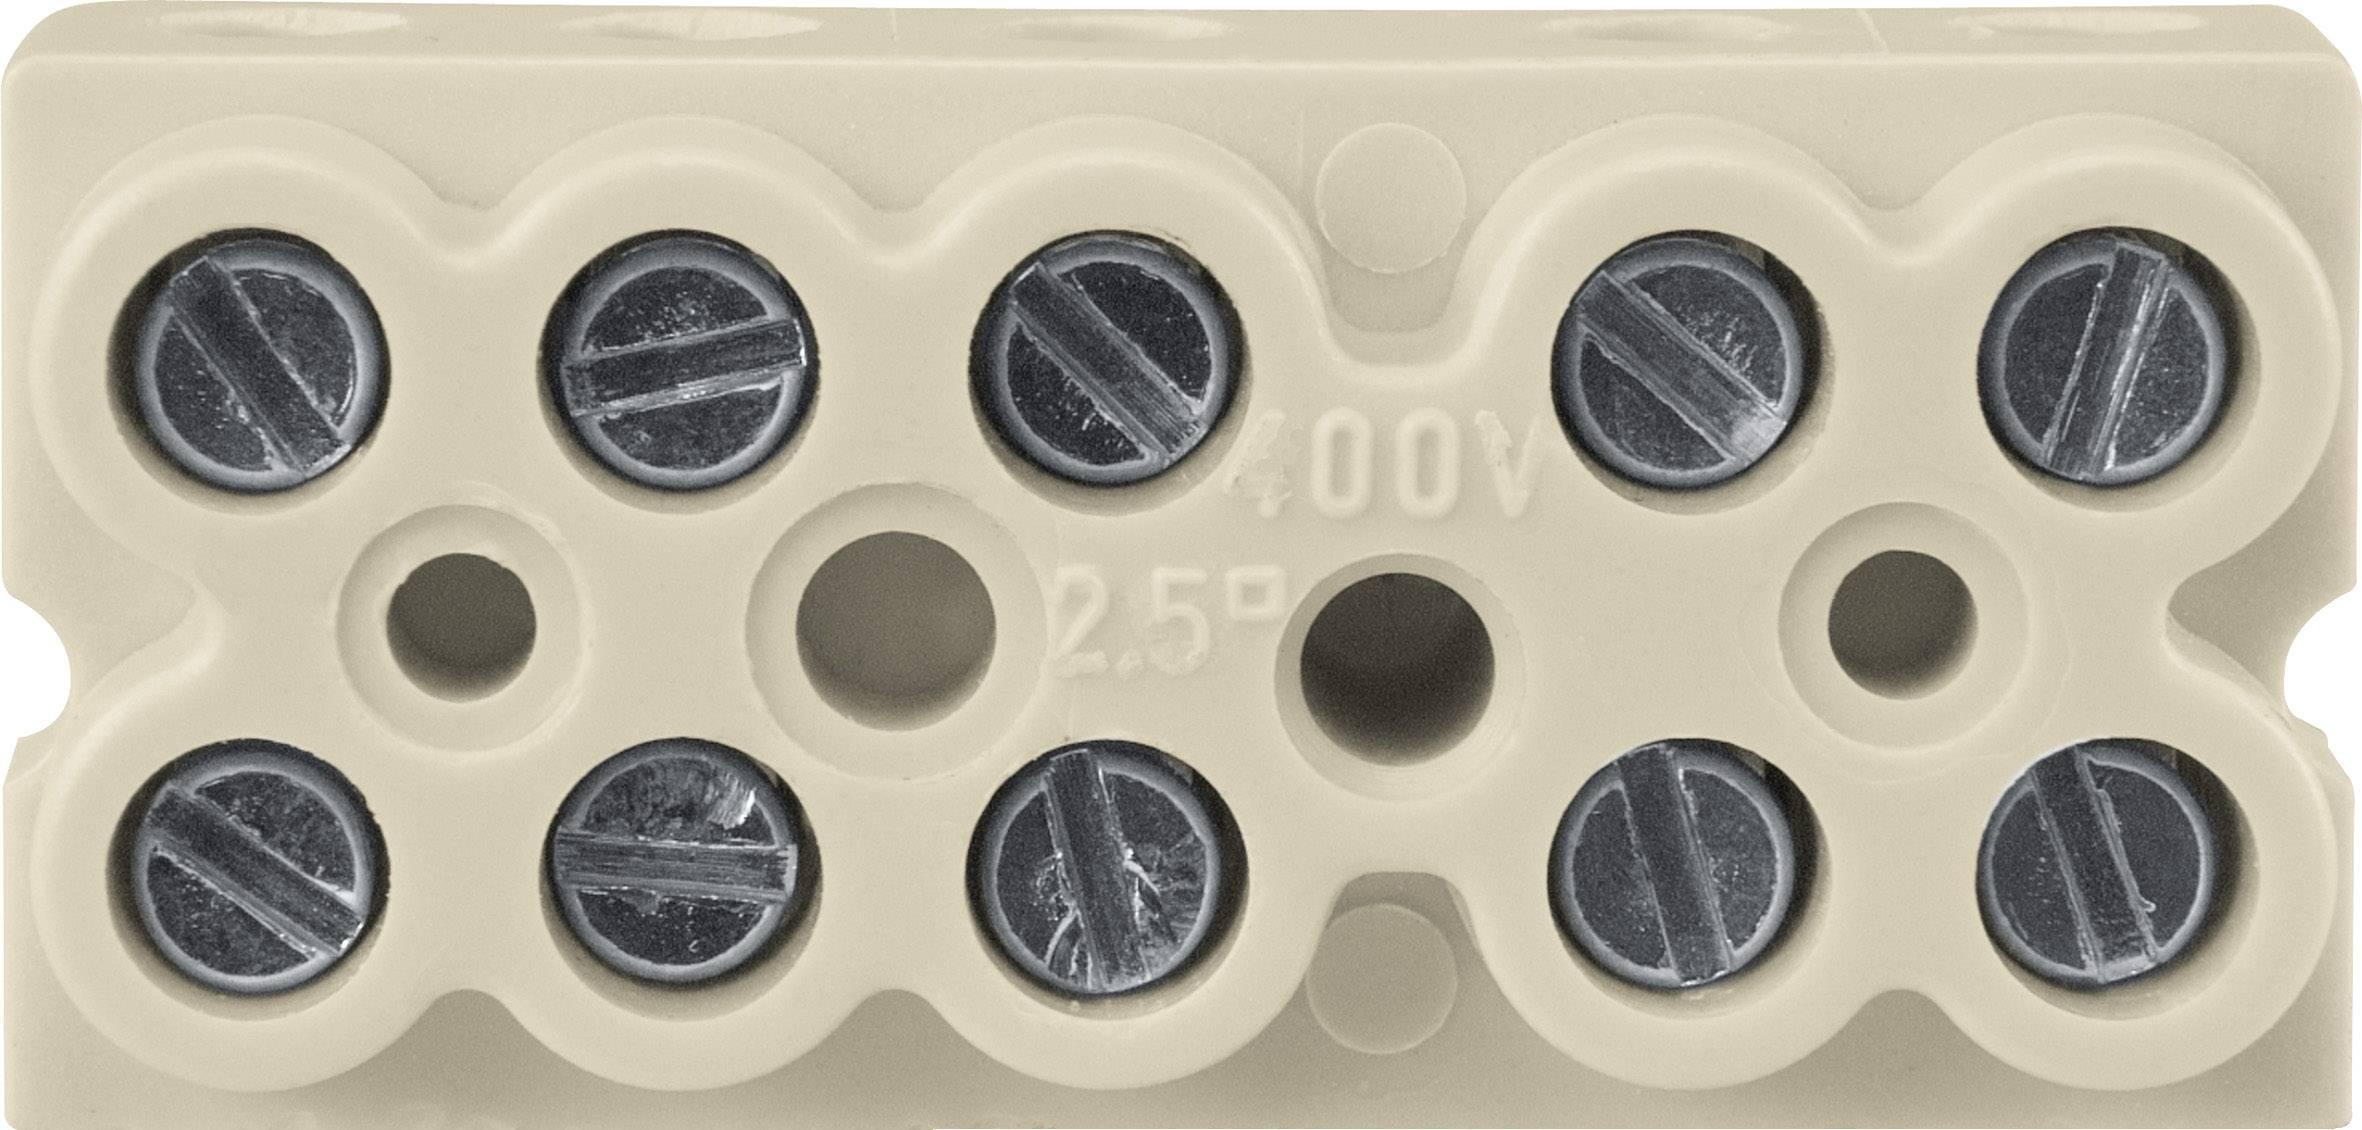 Svorková lišta Merten 520900 pro kabel o rozměru 1-2.5 mm², 1 ks